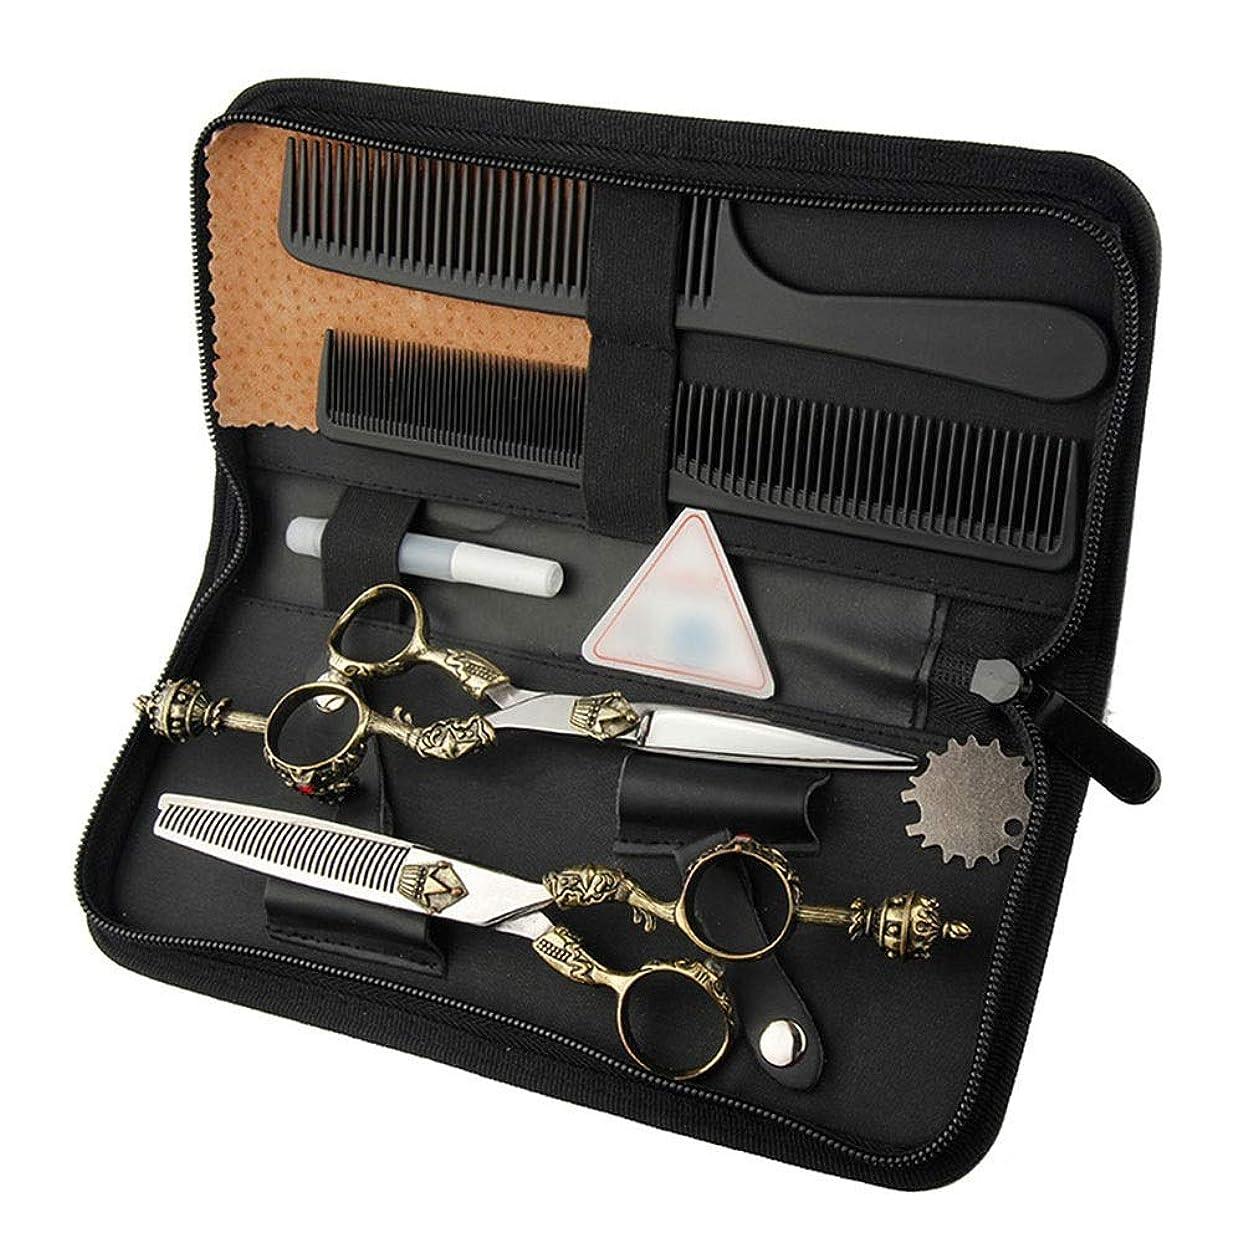 擁する絶対の固体6インチ美容院プロフェッショナル理髪セット、レトロハンドルはさみフラットシザー+歯シザーツールセット モデリングツール (色 : ゴールド)